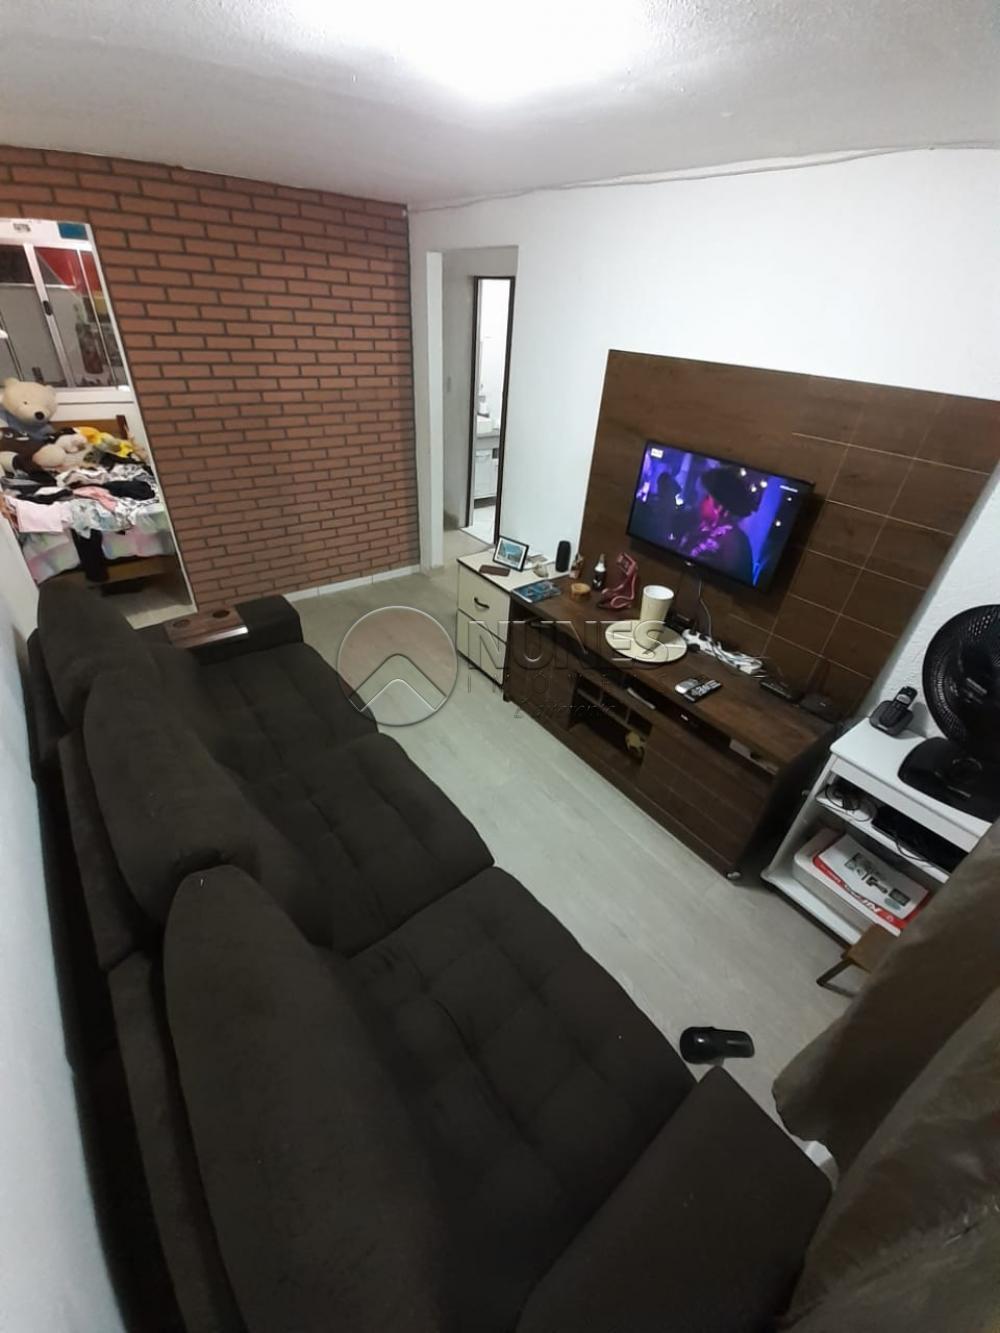 Comprar Apartamento / Padrão em Carapicuíba R$ 140.000,00 - Foto 1